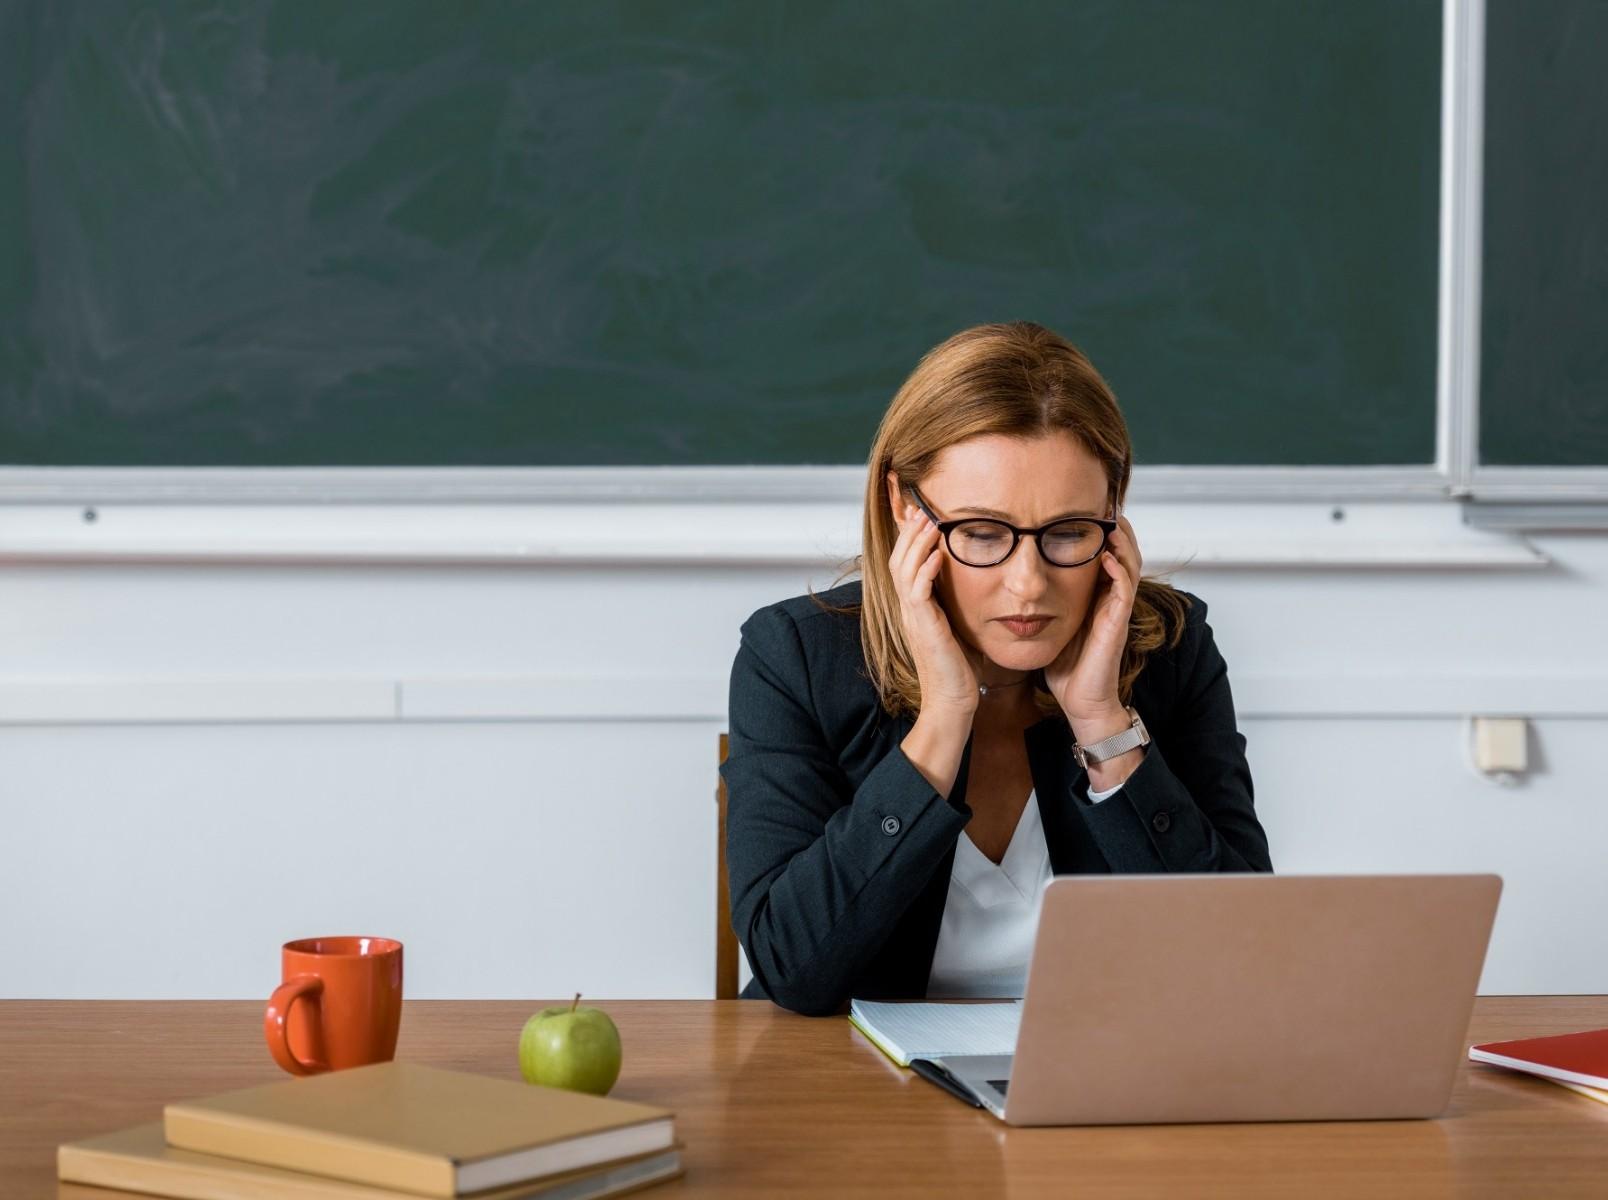 Supplenze Gps: perchè docenti posizionati meglio sono rimasti a casa